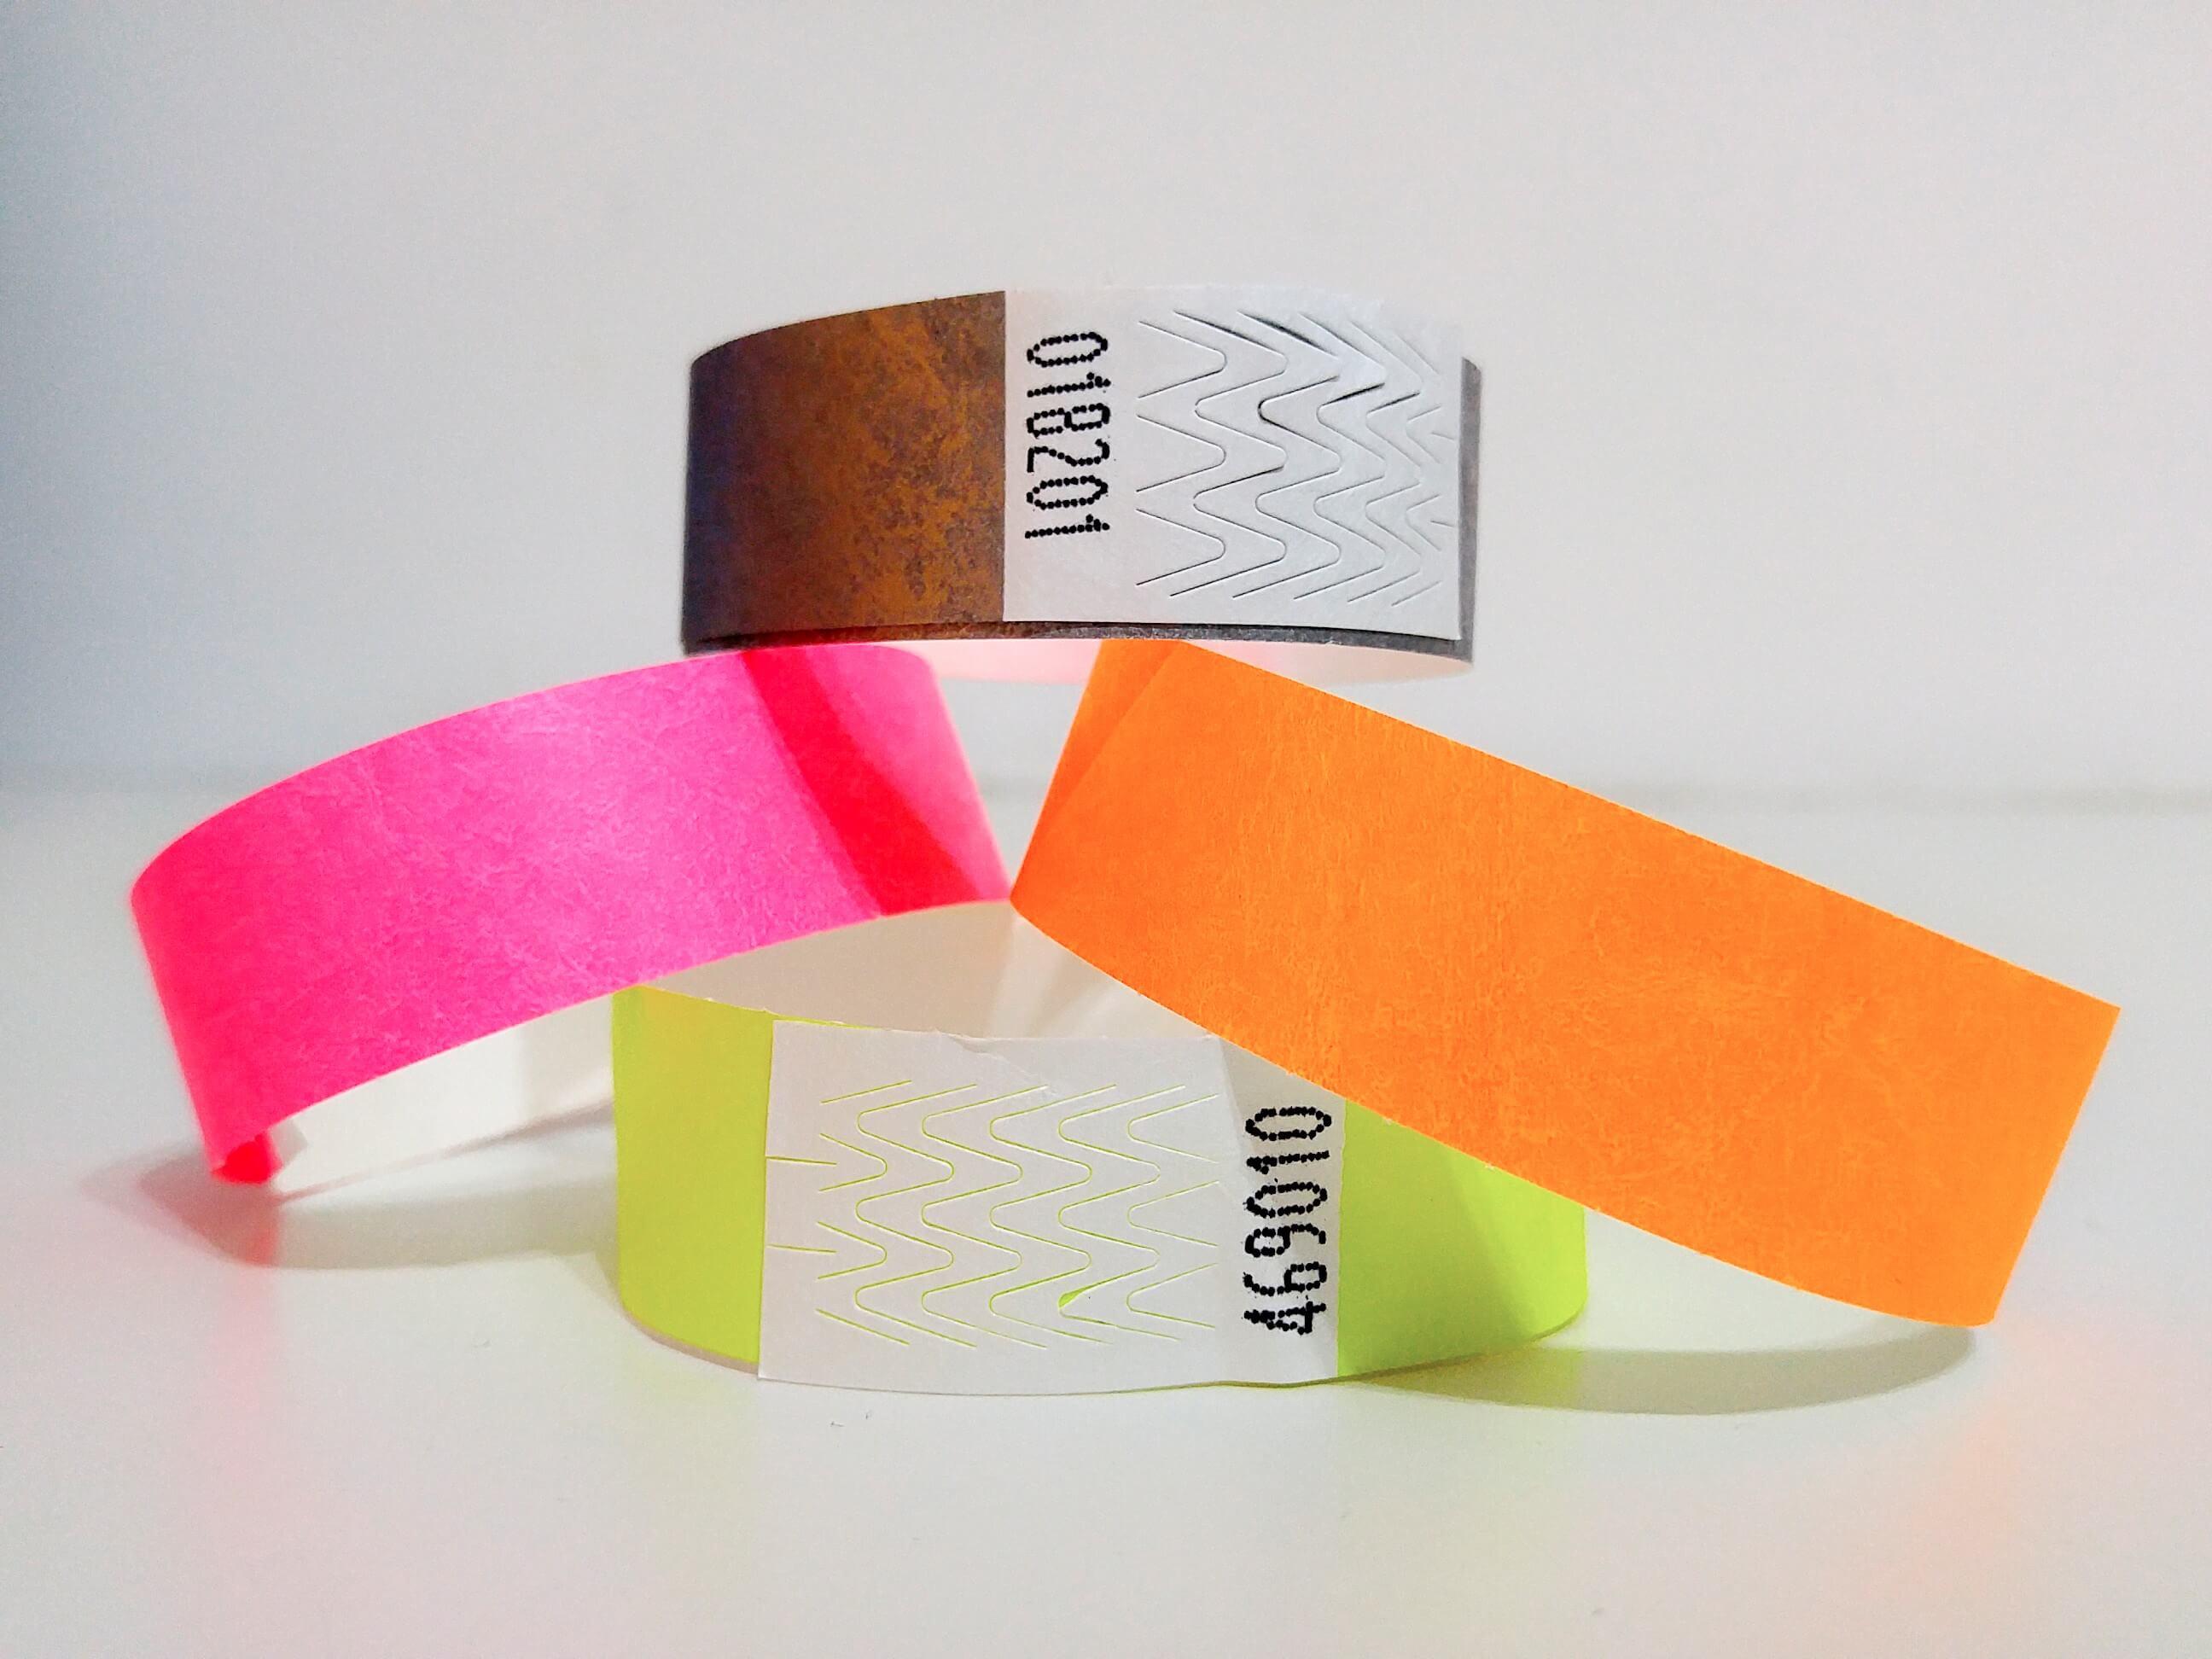 צמידי זיהוי נייר למסיבות